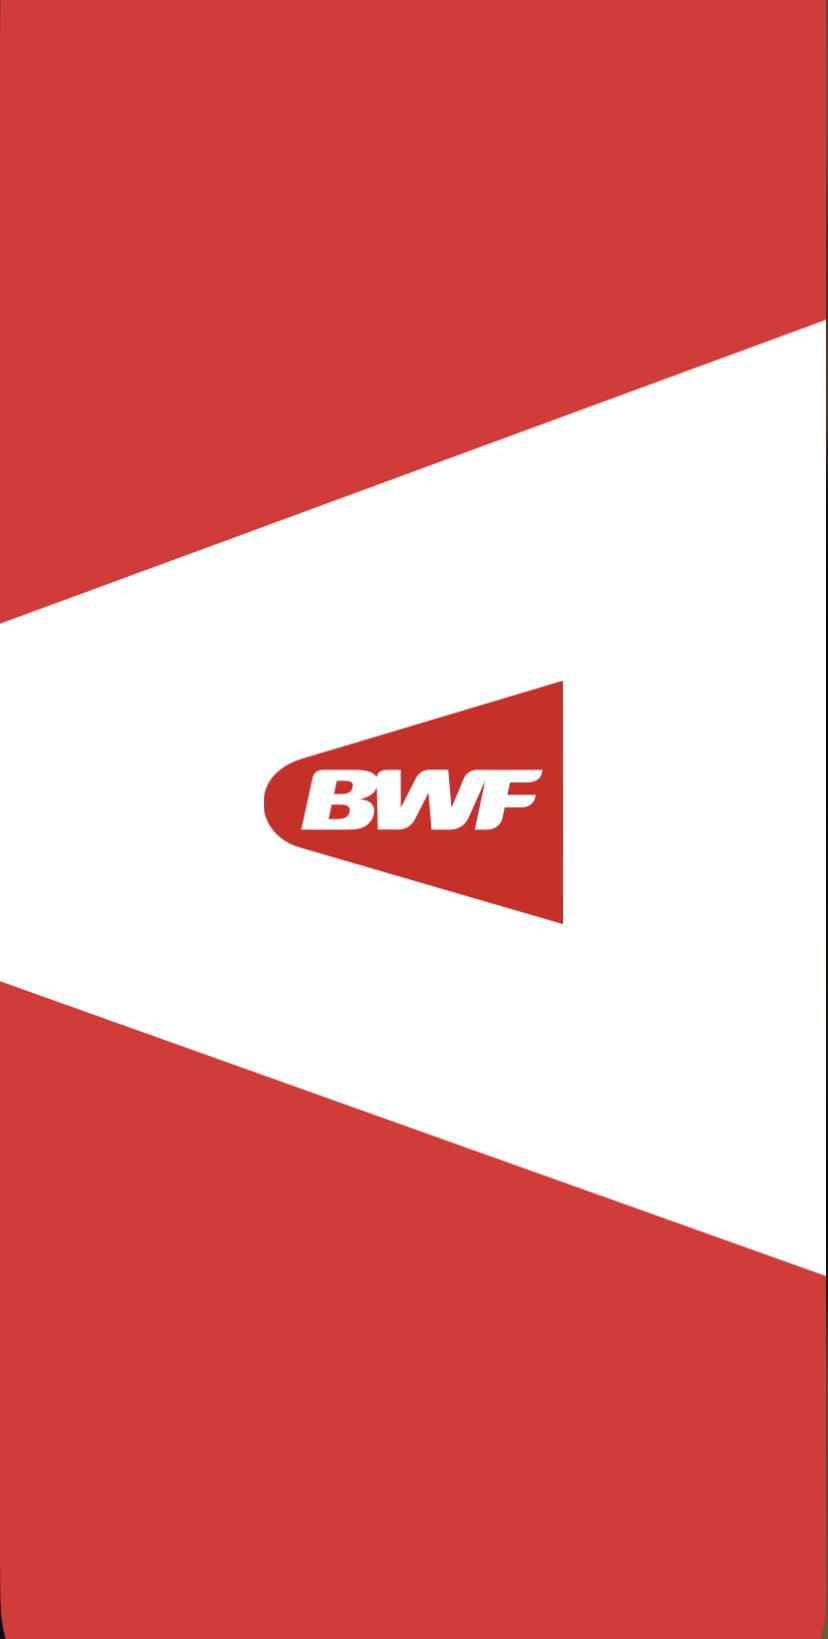 【バドミントンアプリ】国際大会・選手を網羅!BWF Badminton4Uについて